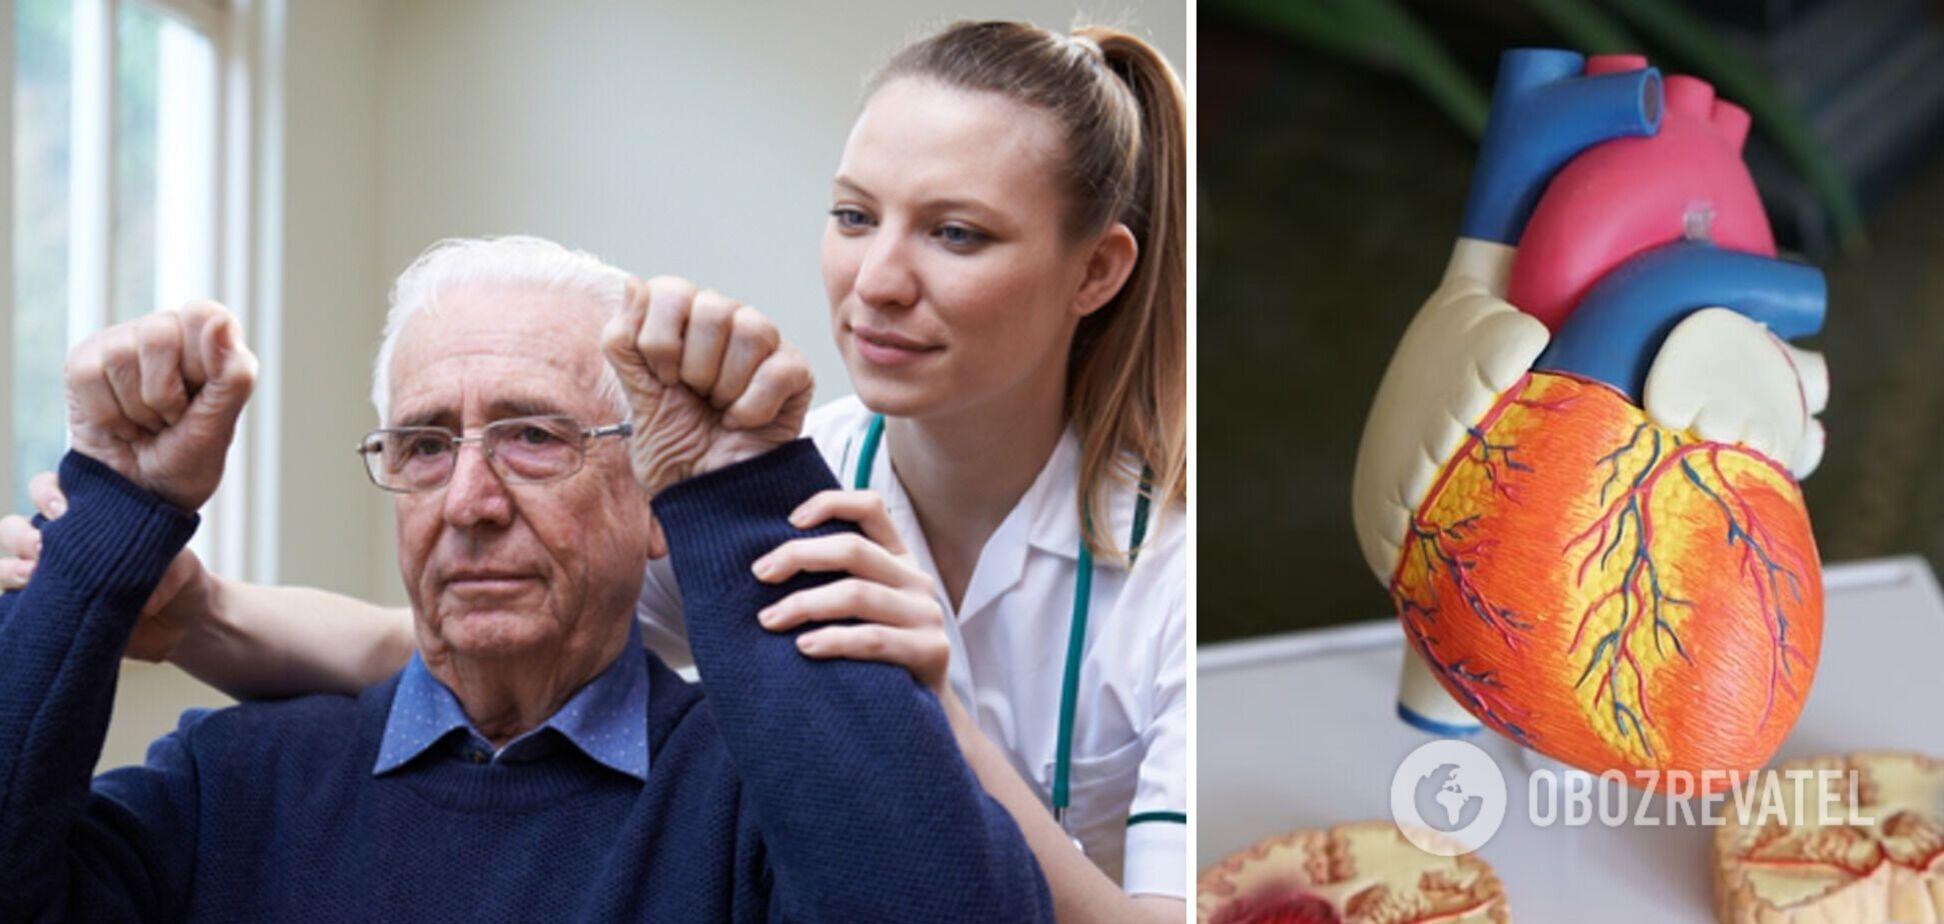 Відмова від деяких продуктів може знизити ризик інсульту на 80%: результати дослідження